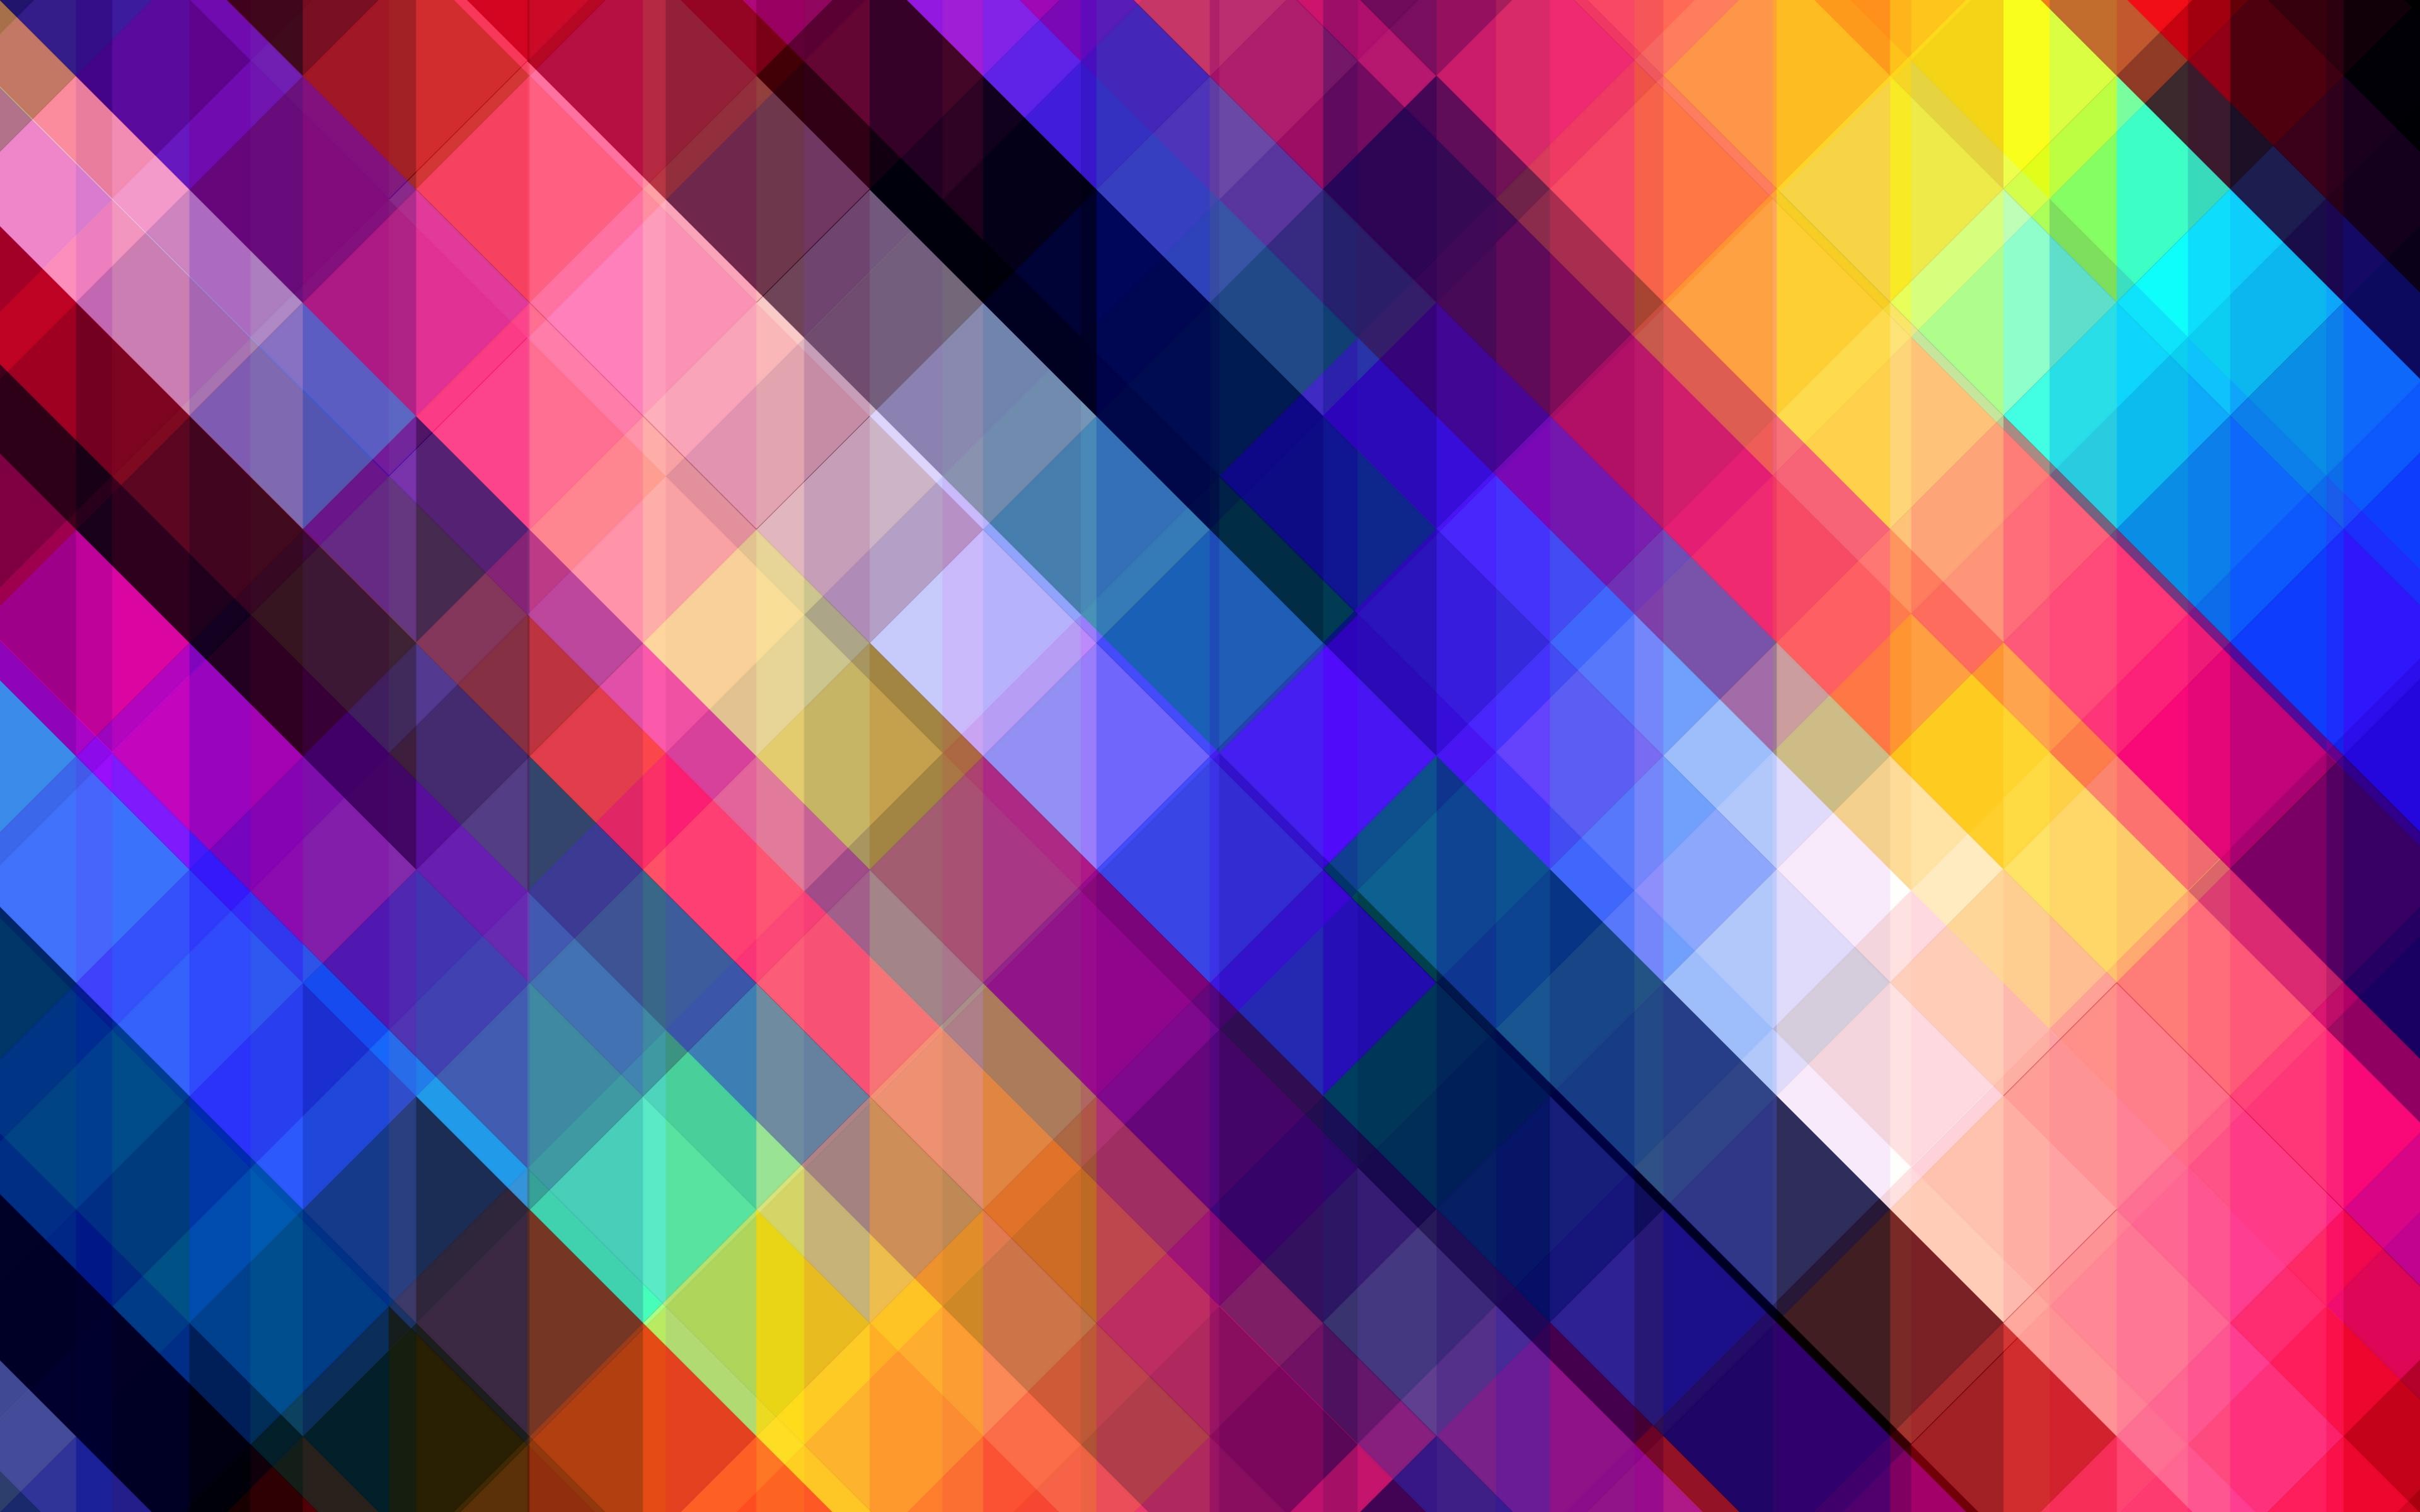 stripes obliquely multicolored image